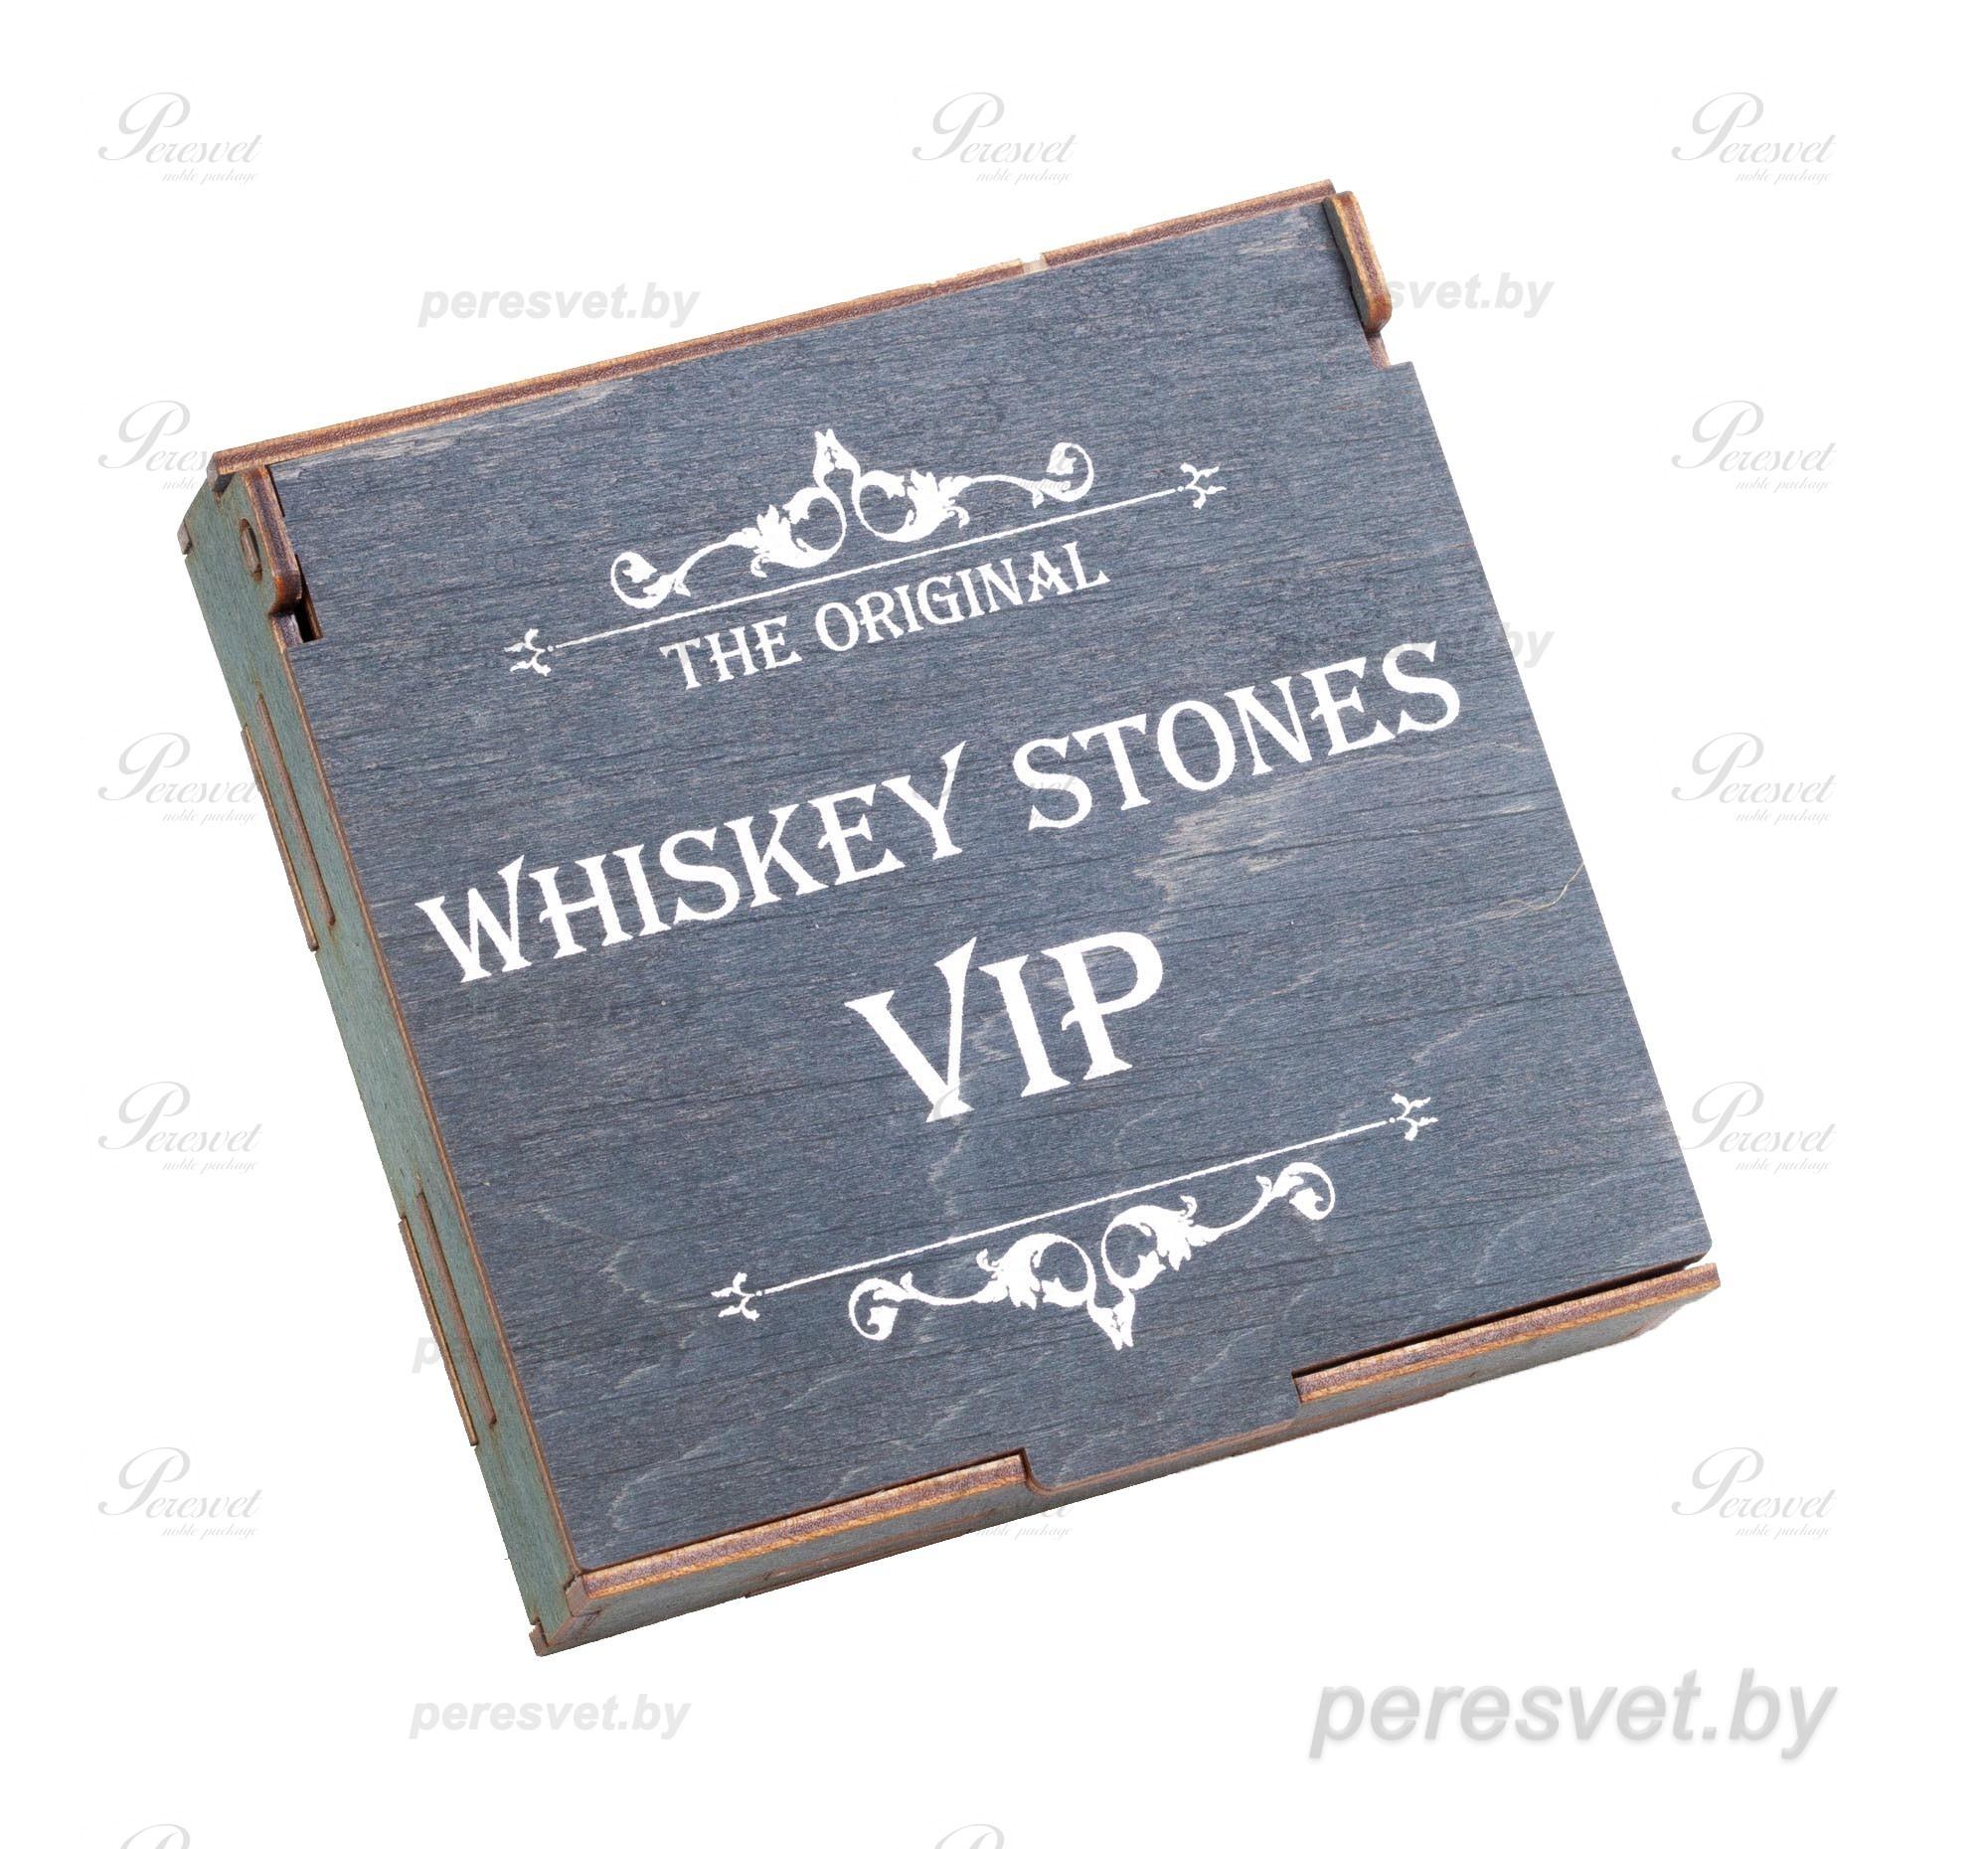 Набор в подарок камней для виски на peresvet.by